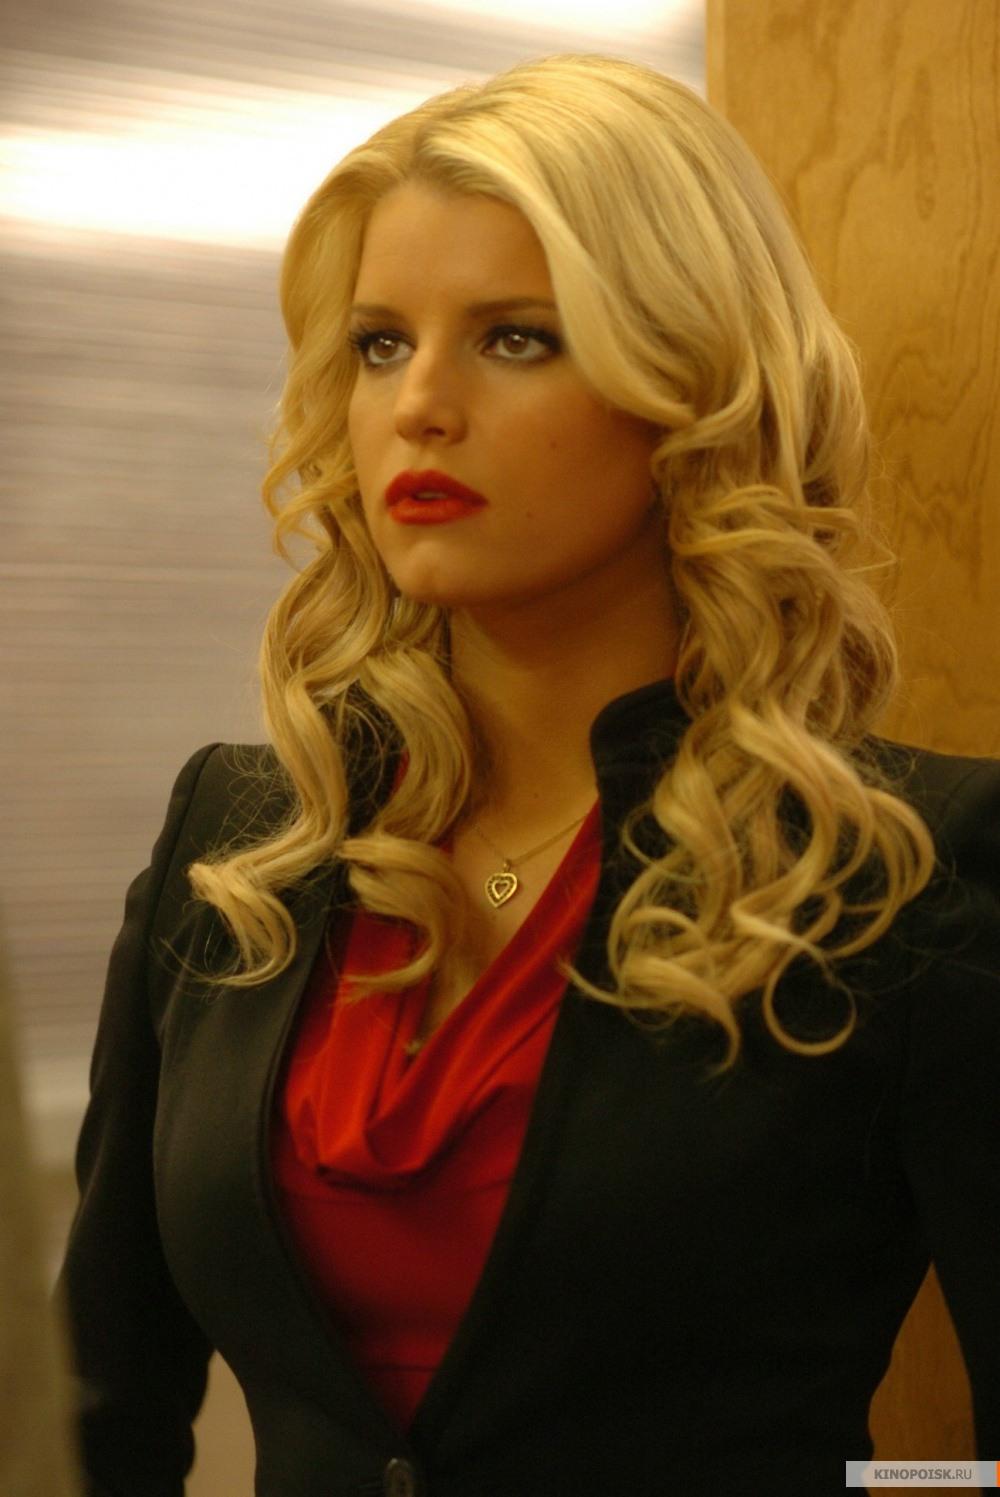 Русская девочка. Docer2012·53 самая красивая девушка в мире.by…